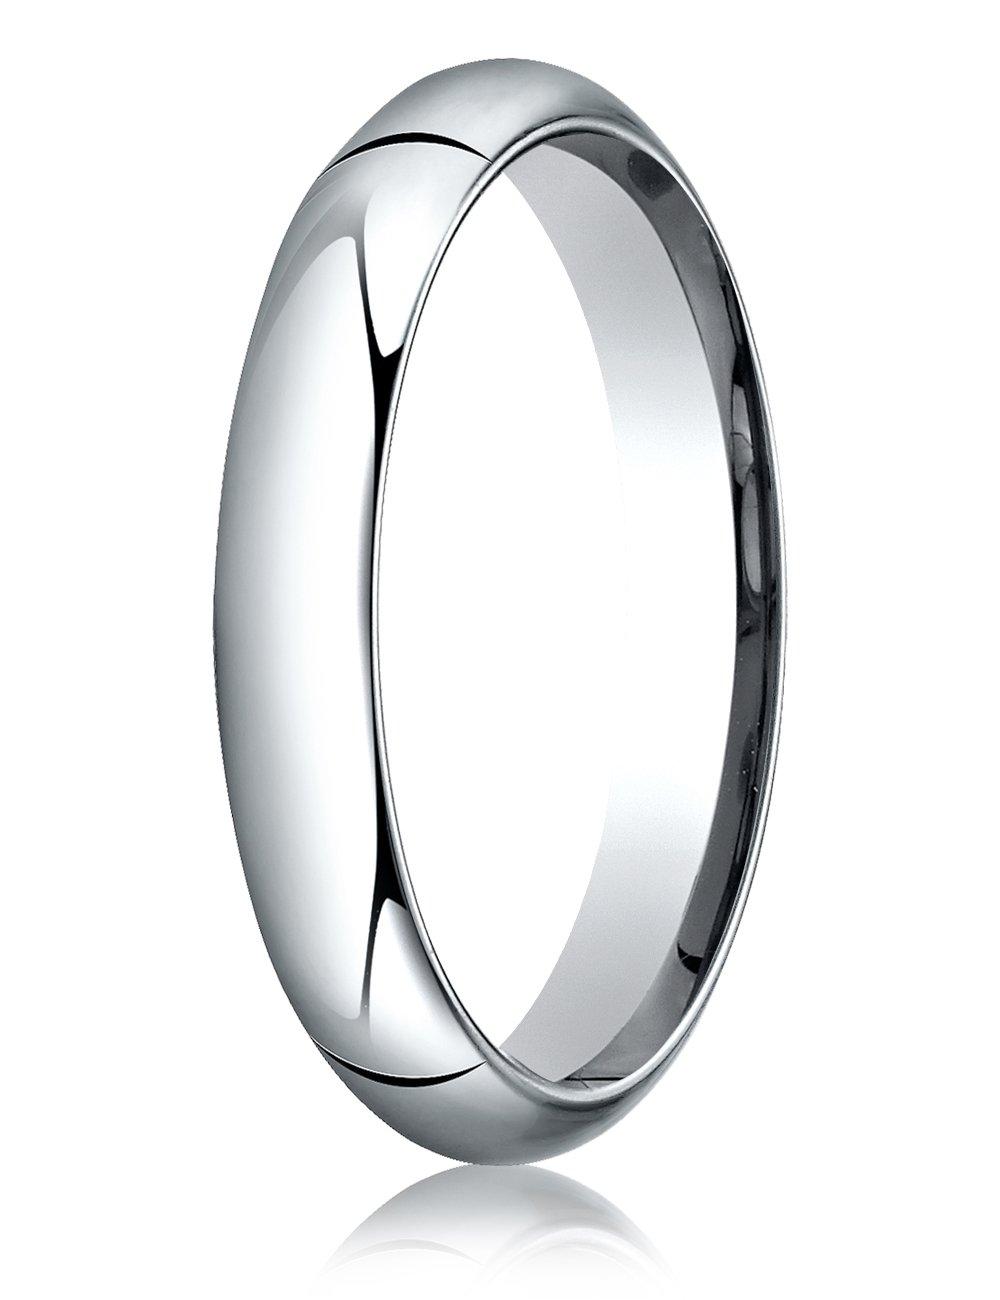 Benchmark Platinum 4mm Slightly Domed Standard Comfort-fit Ring Size 10